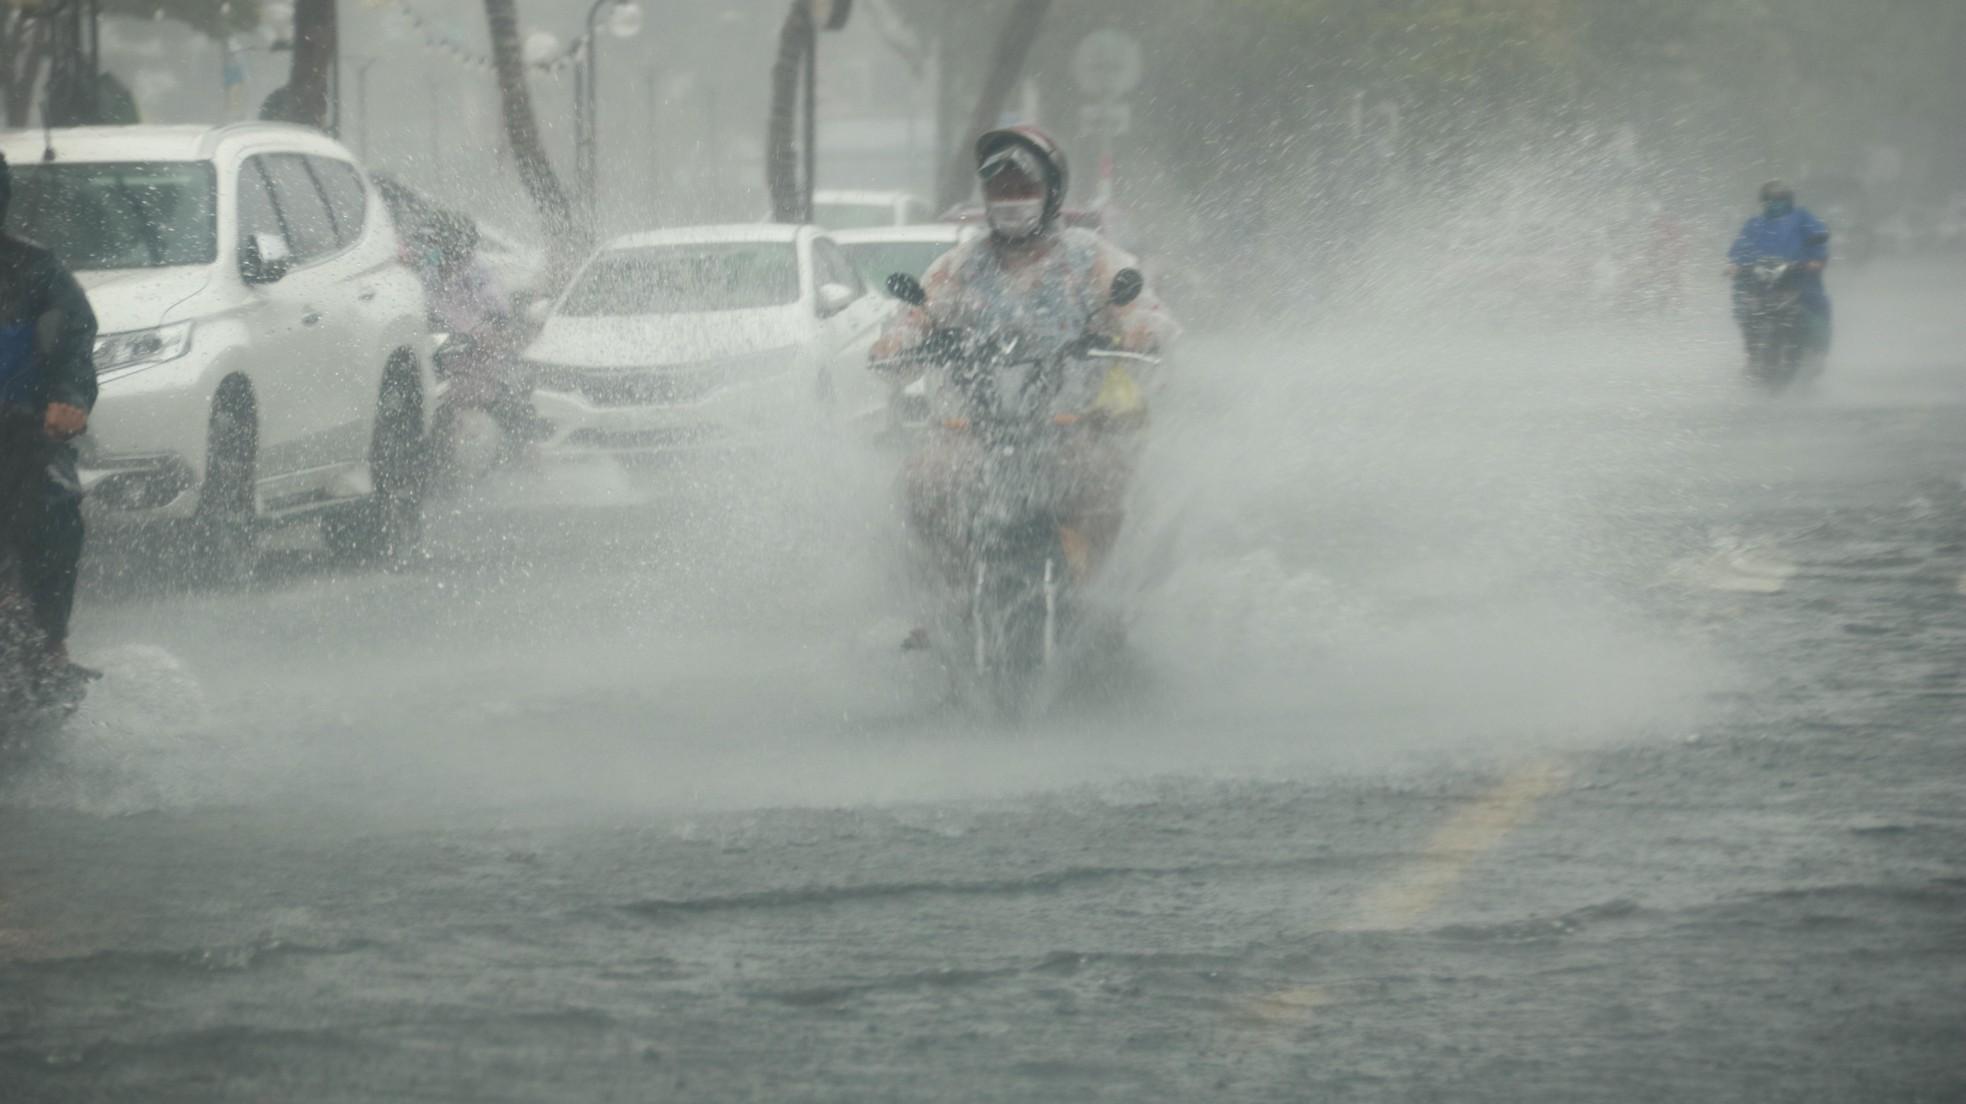 Mưa trắng trời trước giờ bão đổ bộ, đường phố Đà Nẵng biến thành sông